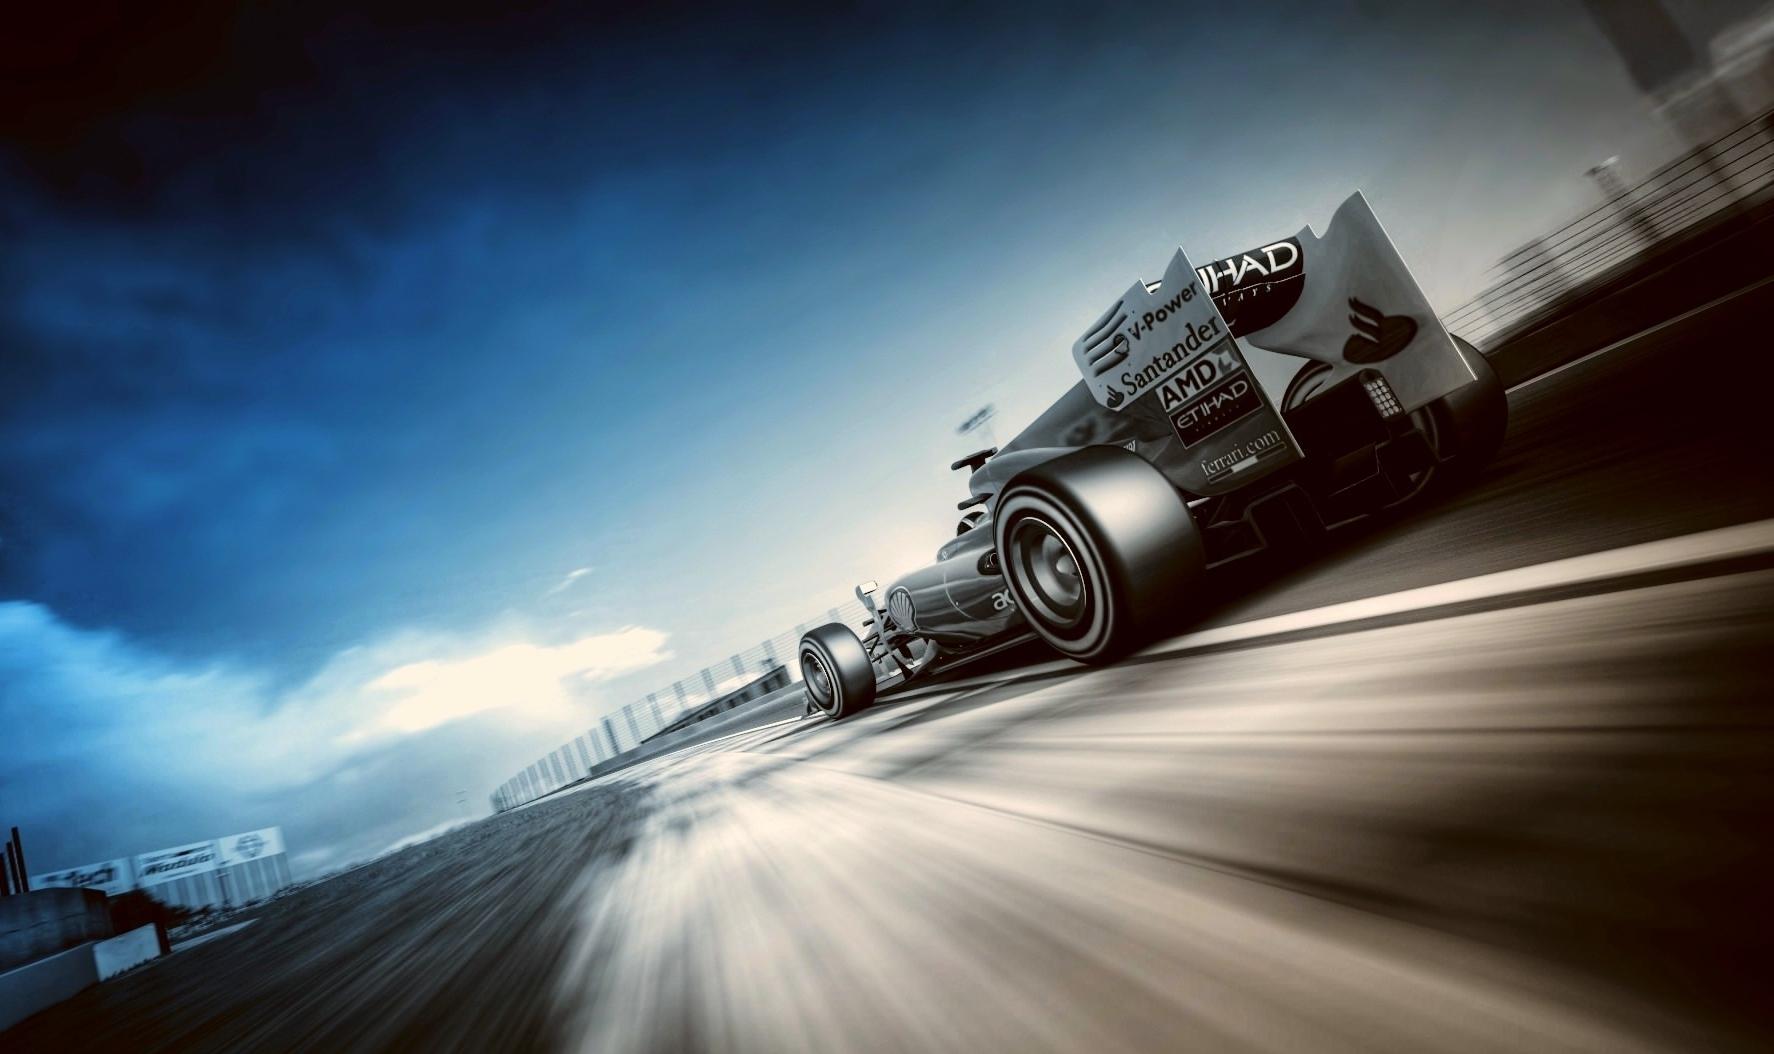 f1 track wallpaper - photo #3